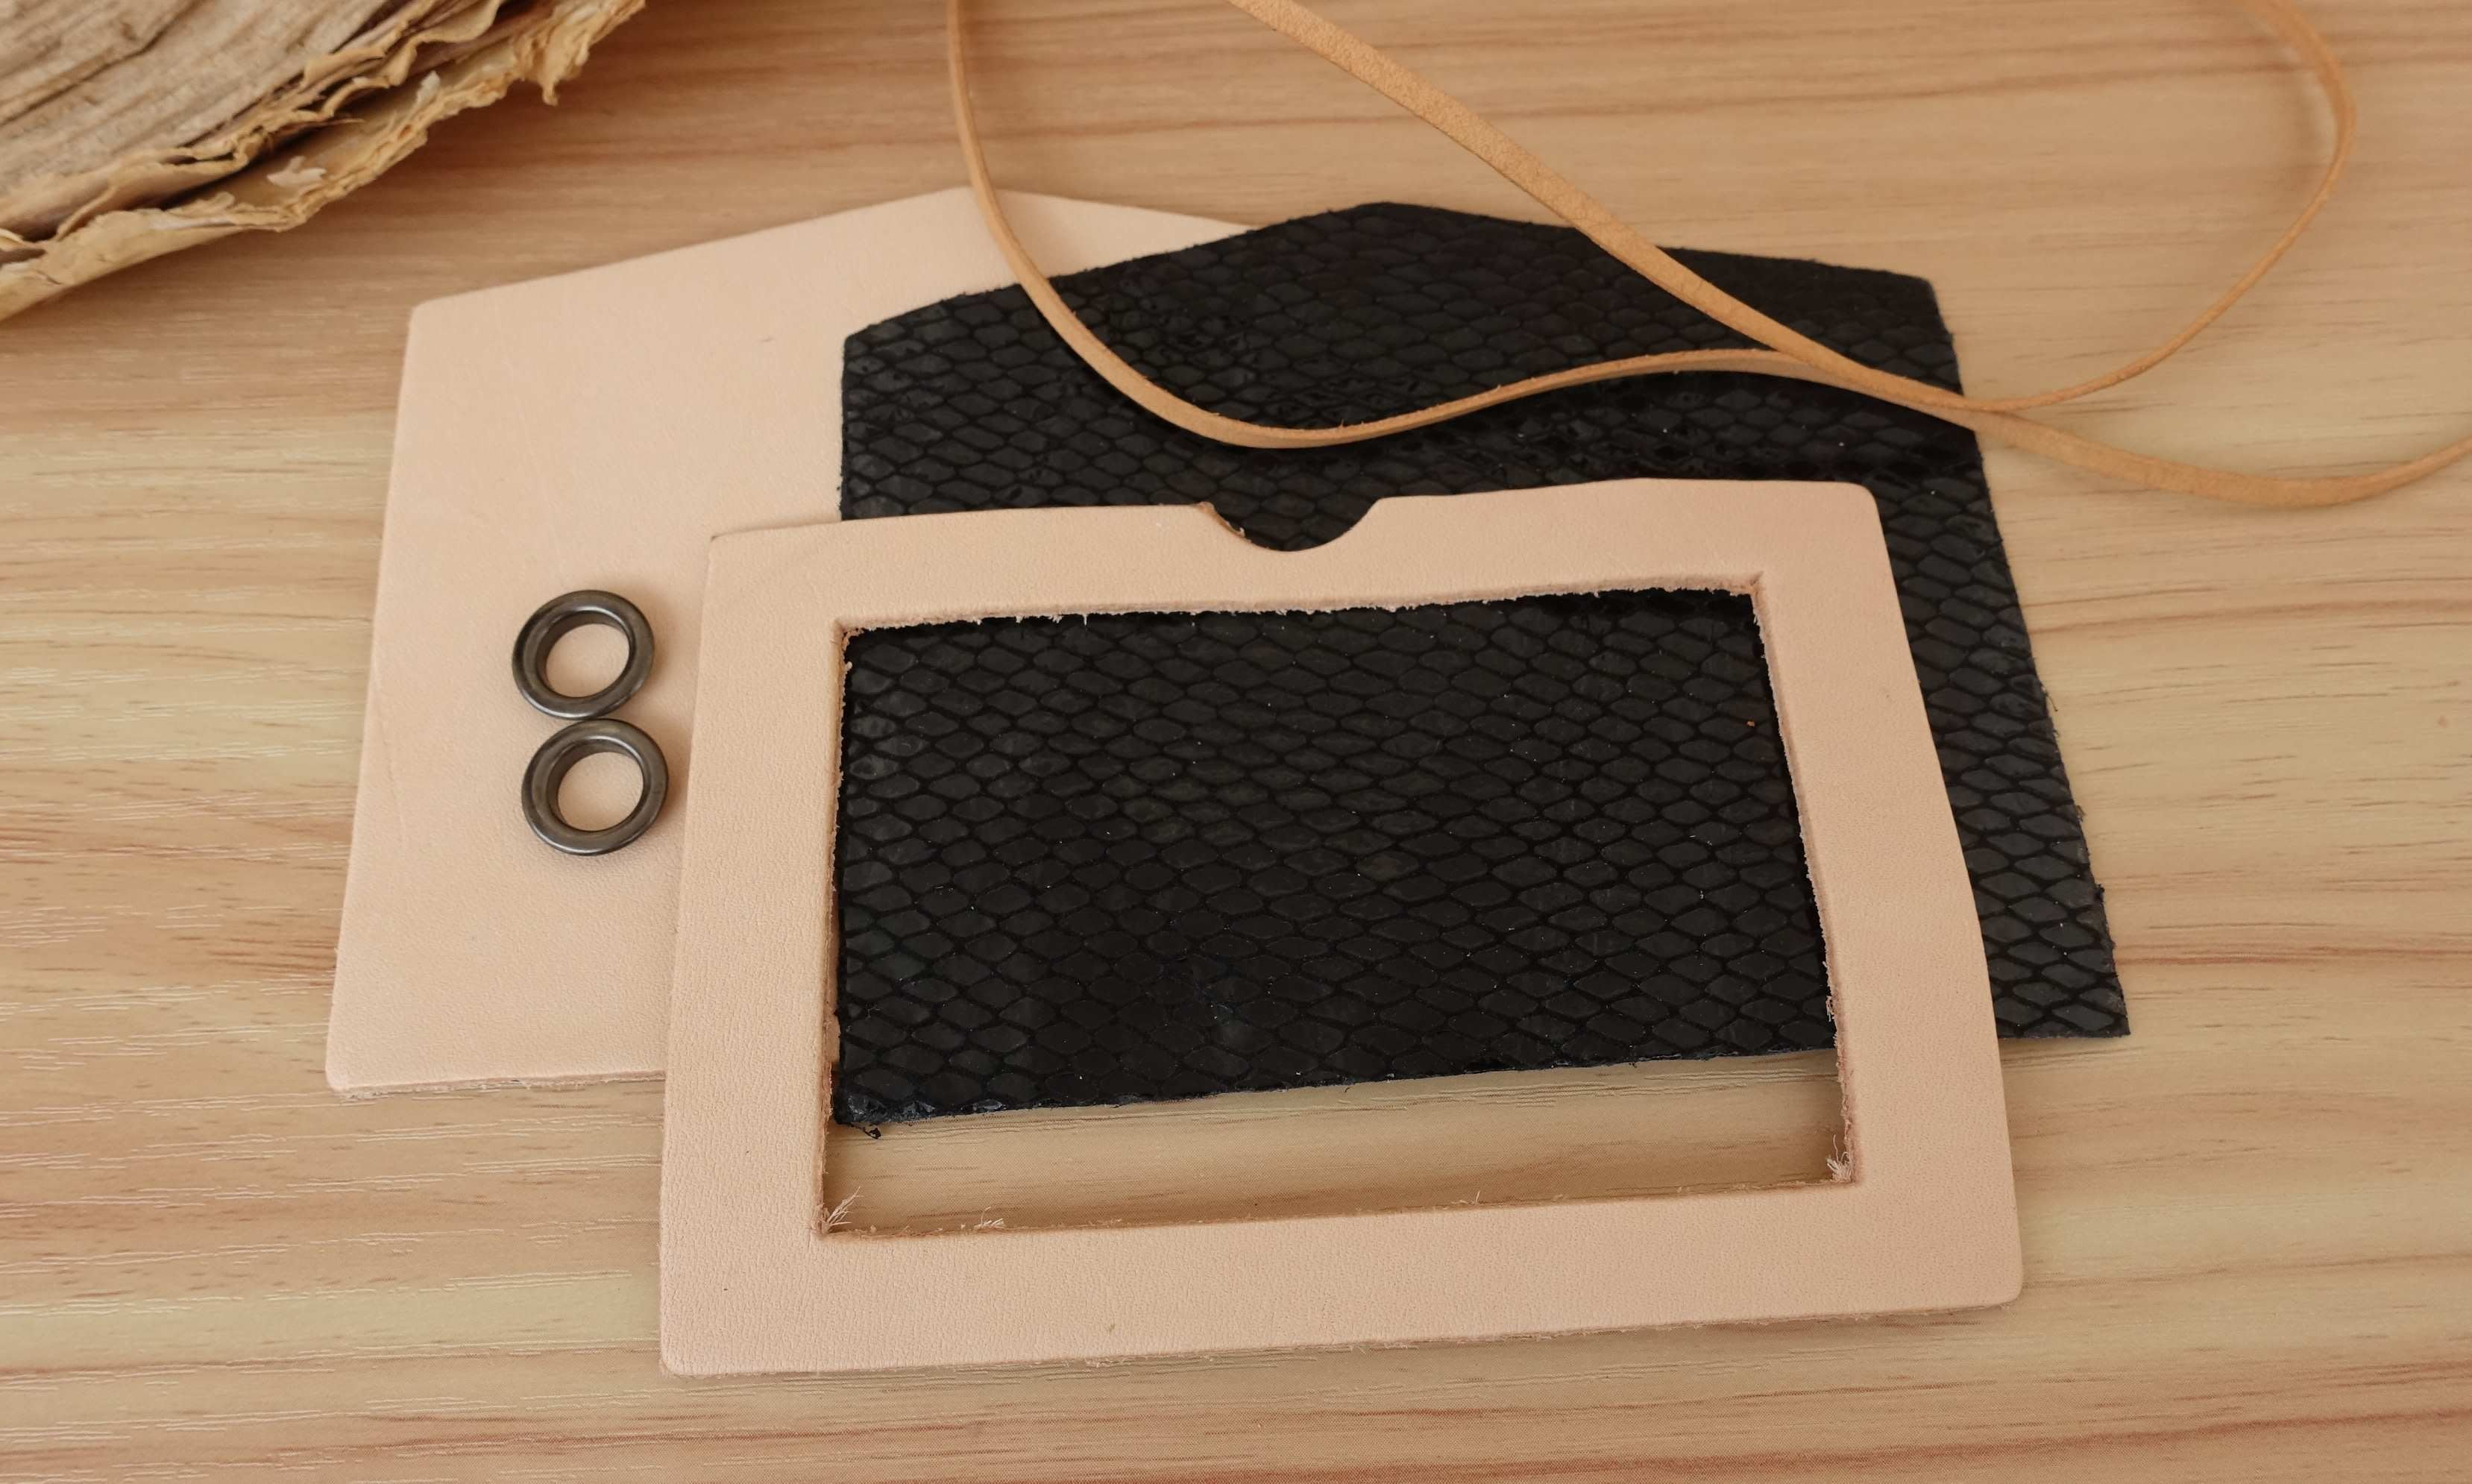 材料包 橫式 悠遊卡  識別證 悠遊卡夾 皮革DIY 材料包 皮雕 皮革 DIY 手作 拼布